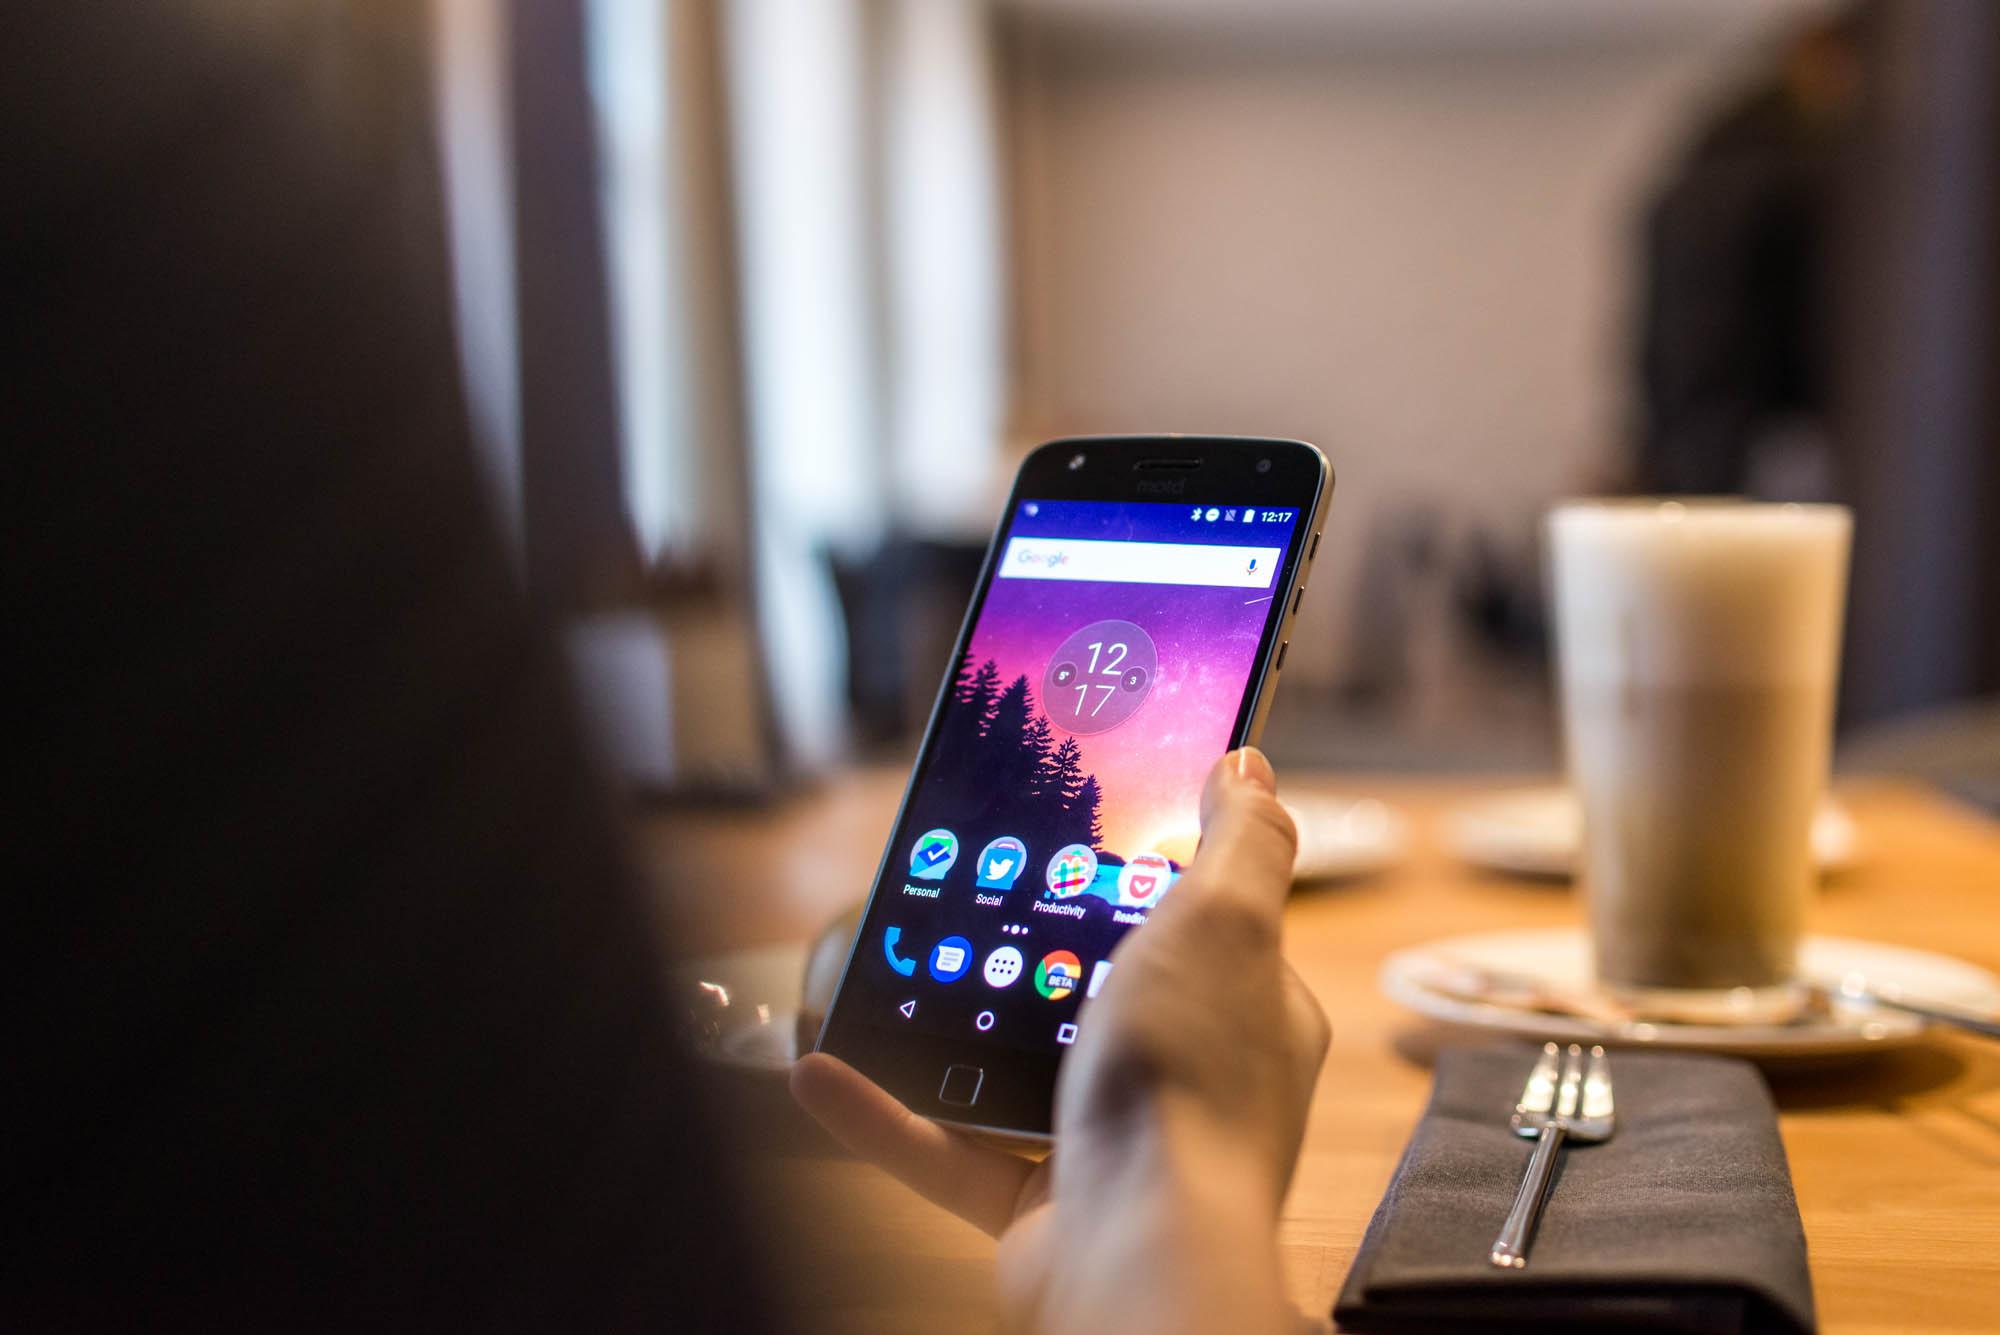 Google właśnie pokazał nową aplikację na Androida. Dzięki niej SMS-y odejdą do lamusa